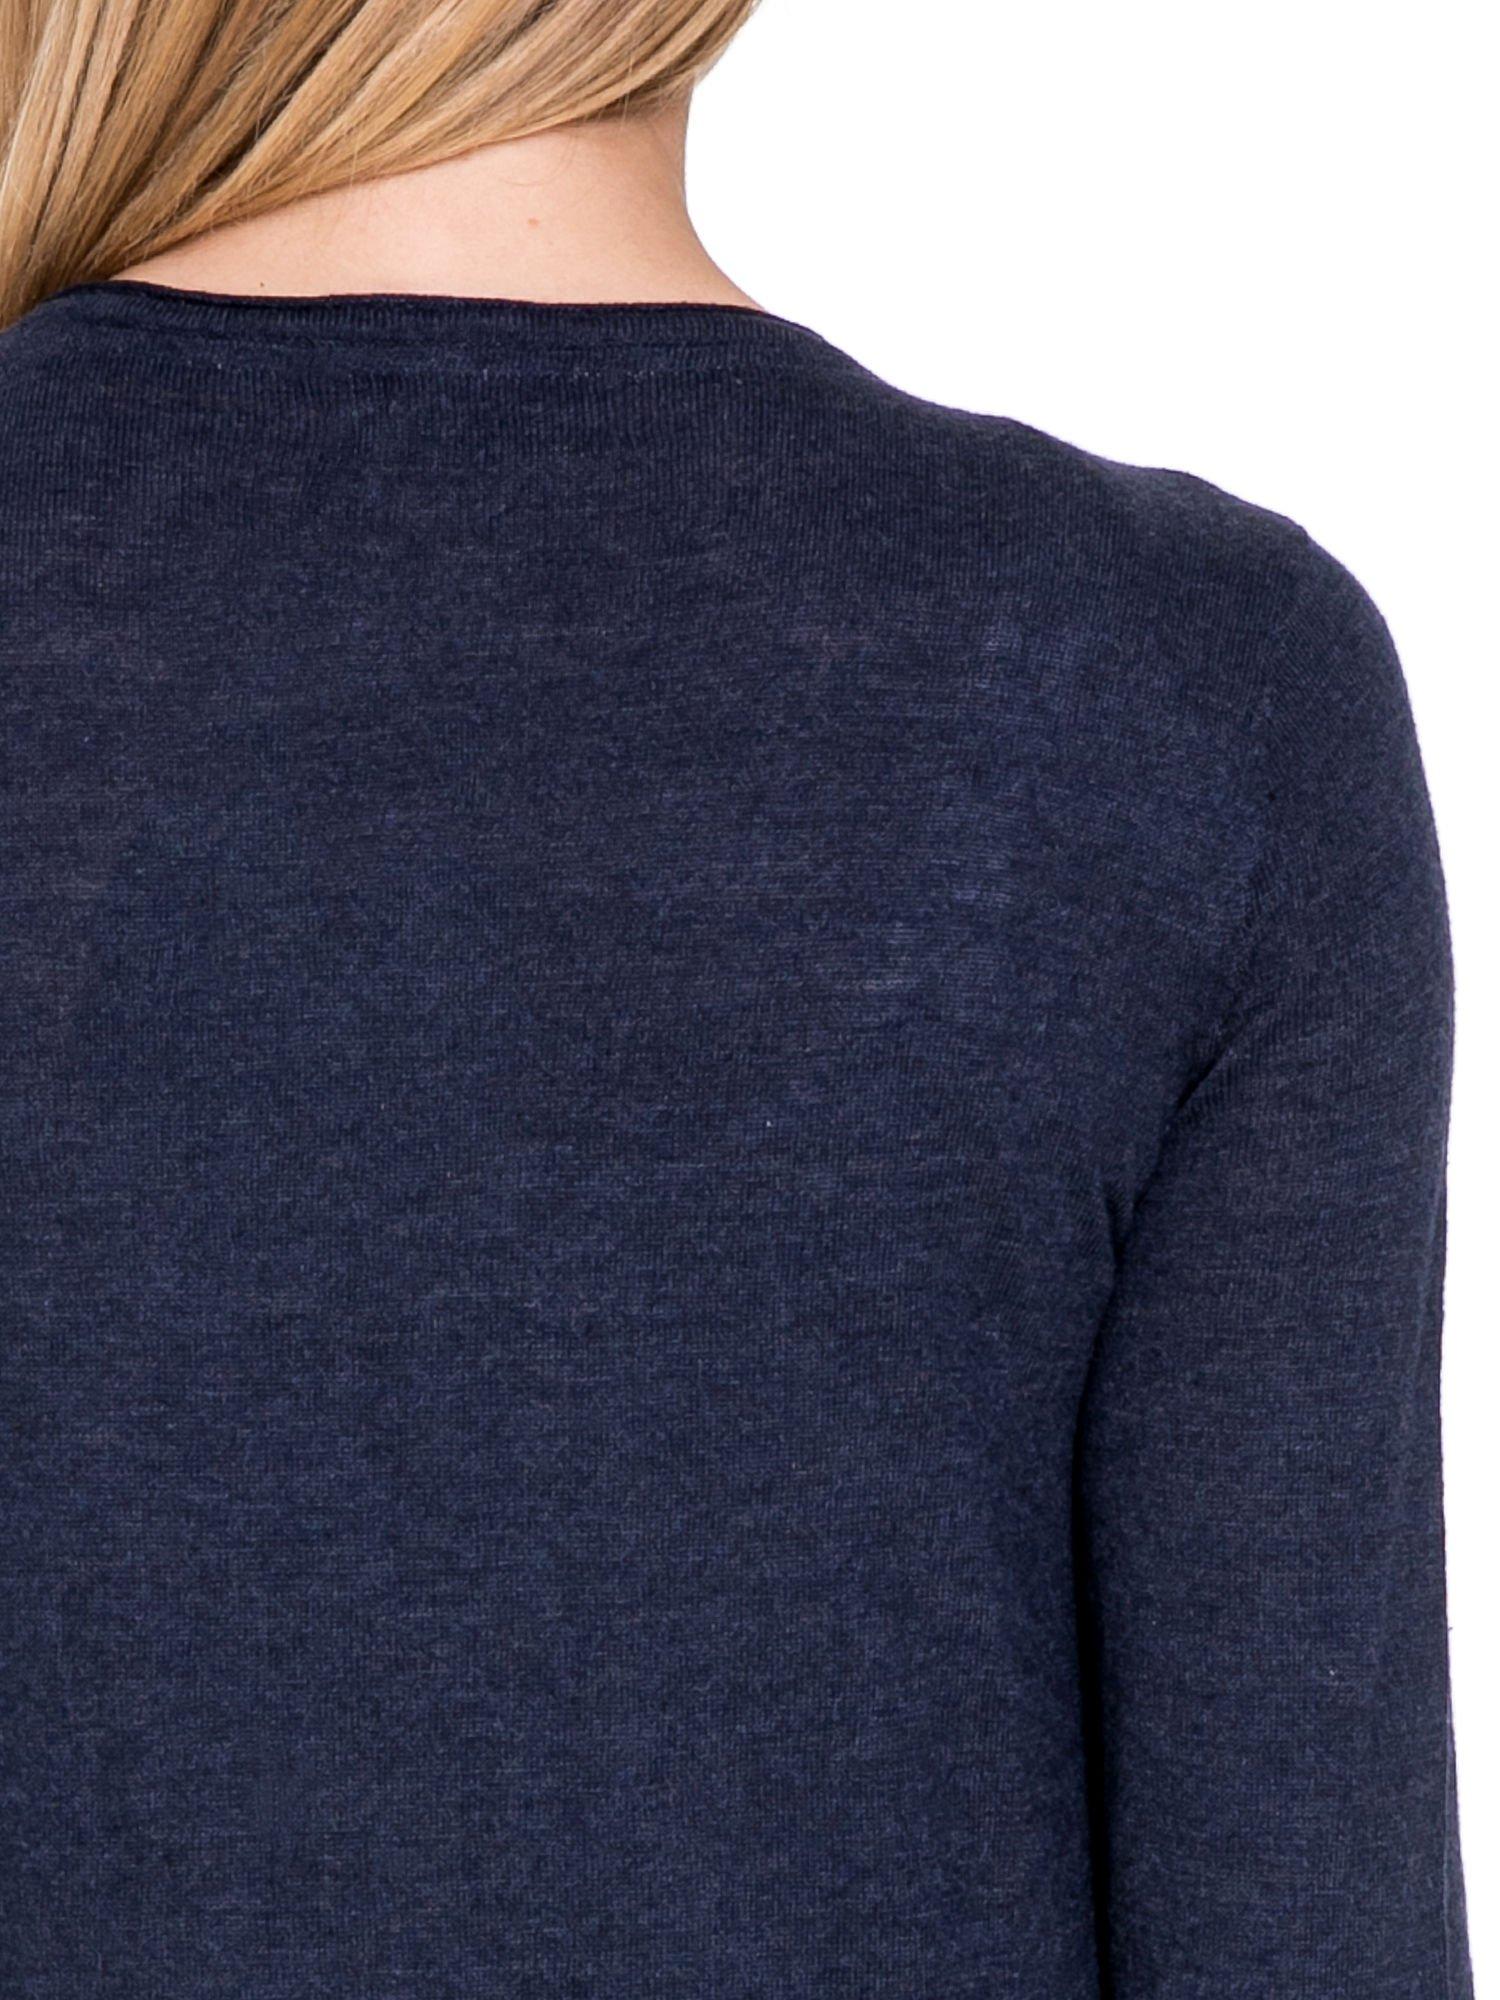 Granatowy sweterek kardigan o kaskadowym fasonie                                  zdj.                                  6